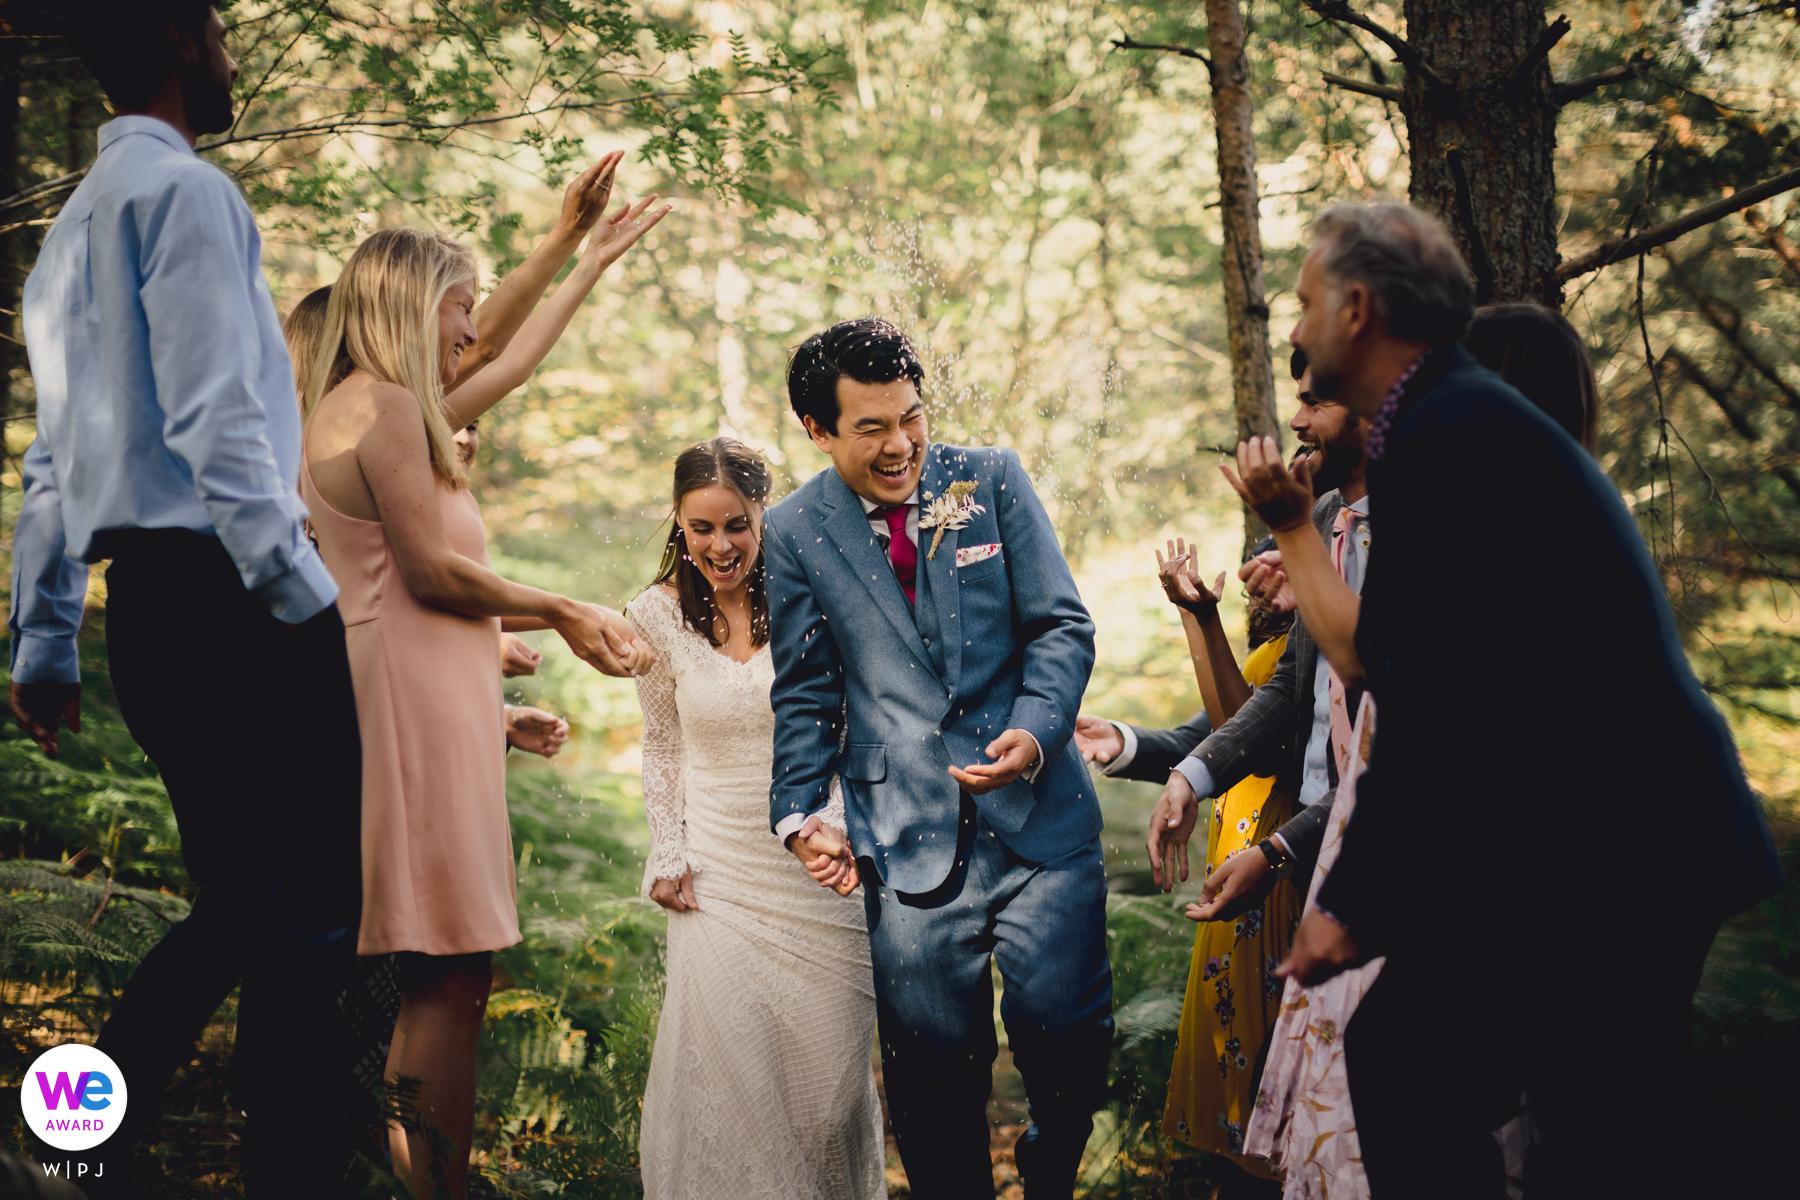 顶级苏格兰婚纱摄影| 在树林里童话般的环境中举行的亲密仪式